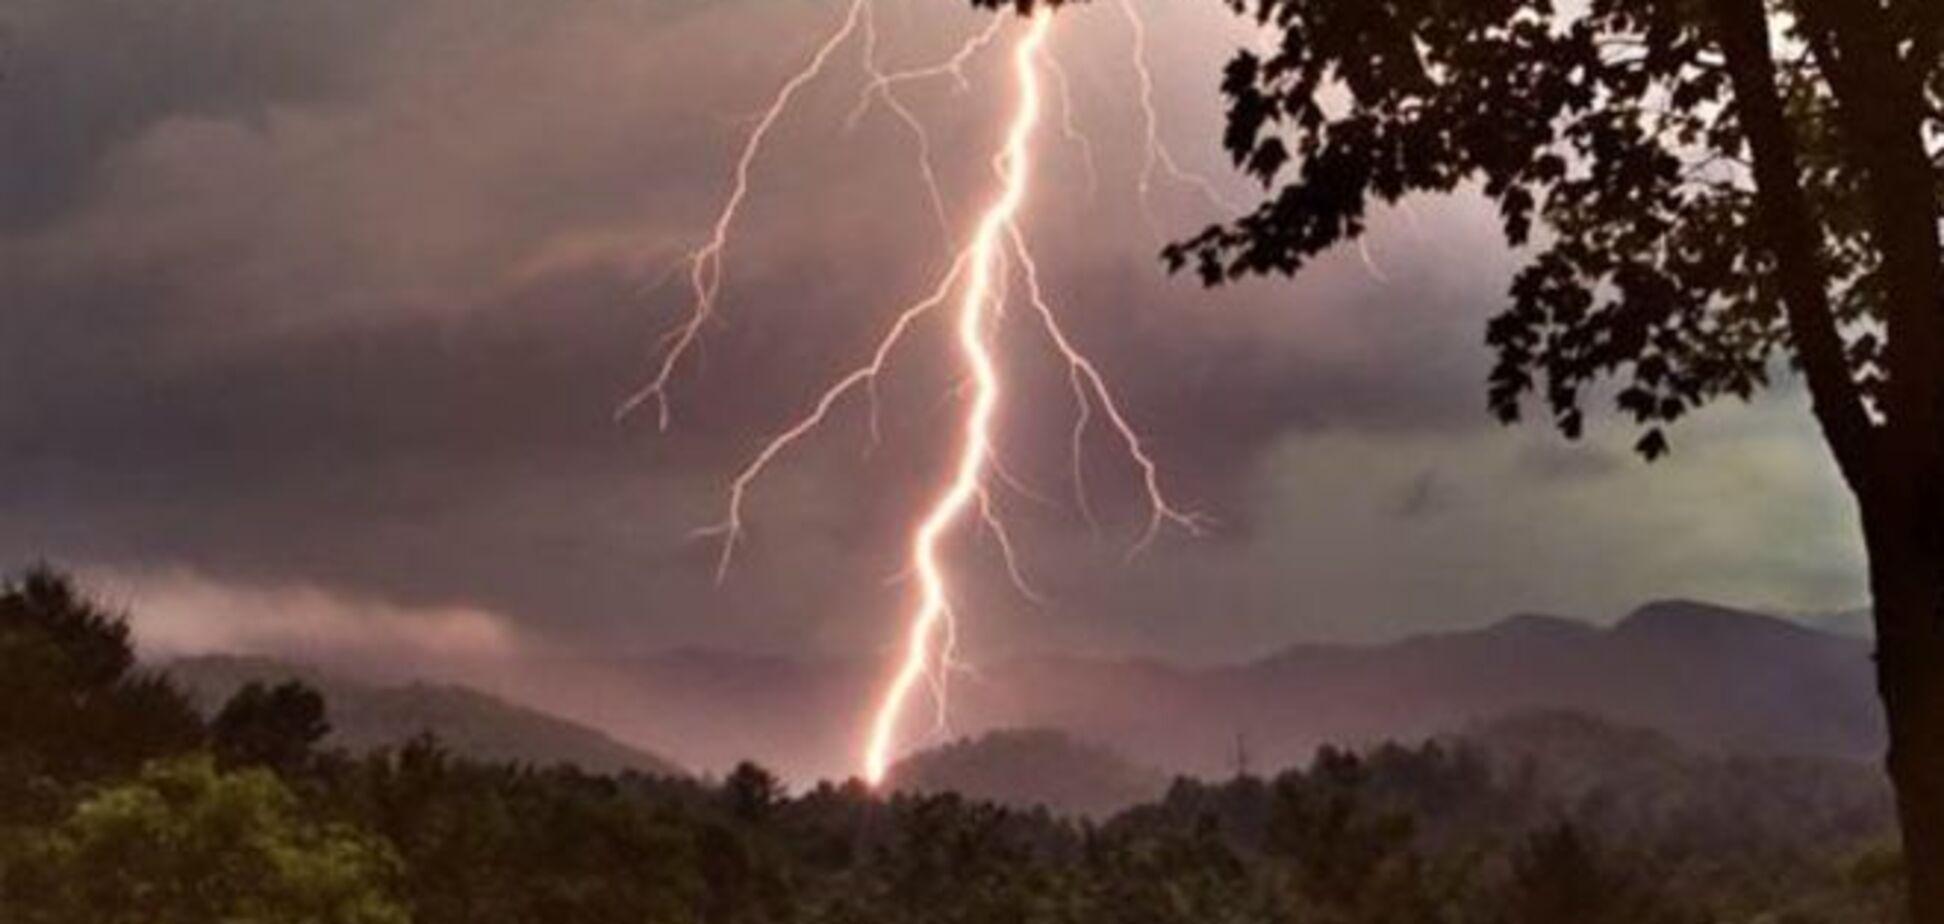 Подробиці чуда в Карпатах: блискавка 'прошила' з голови до п'ят трьох туристів - всі живі